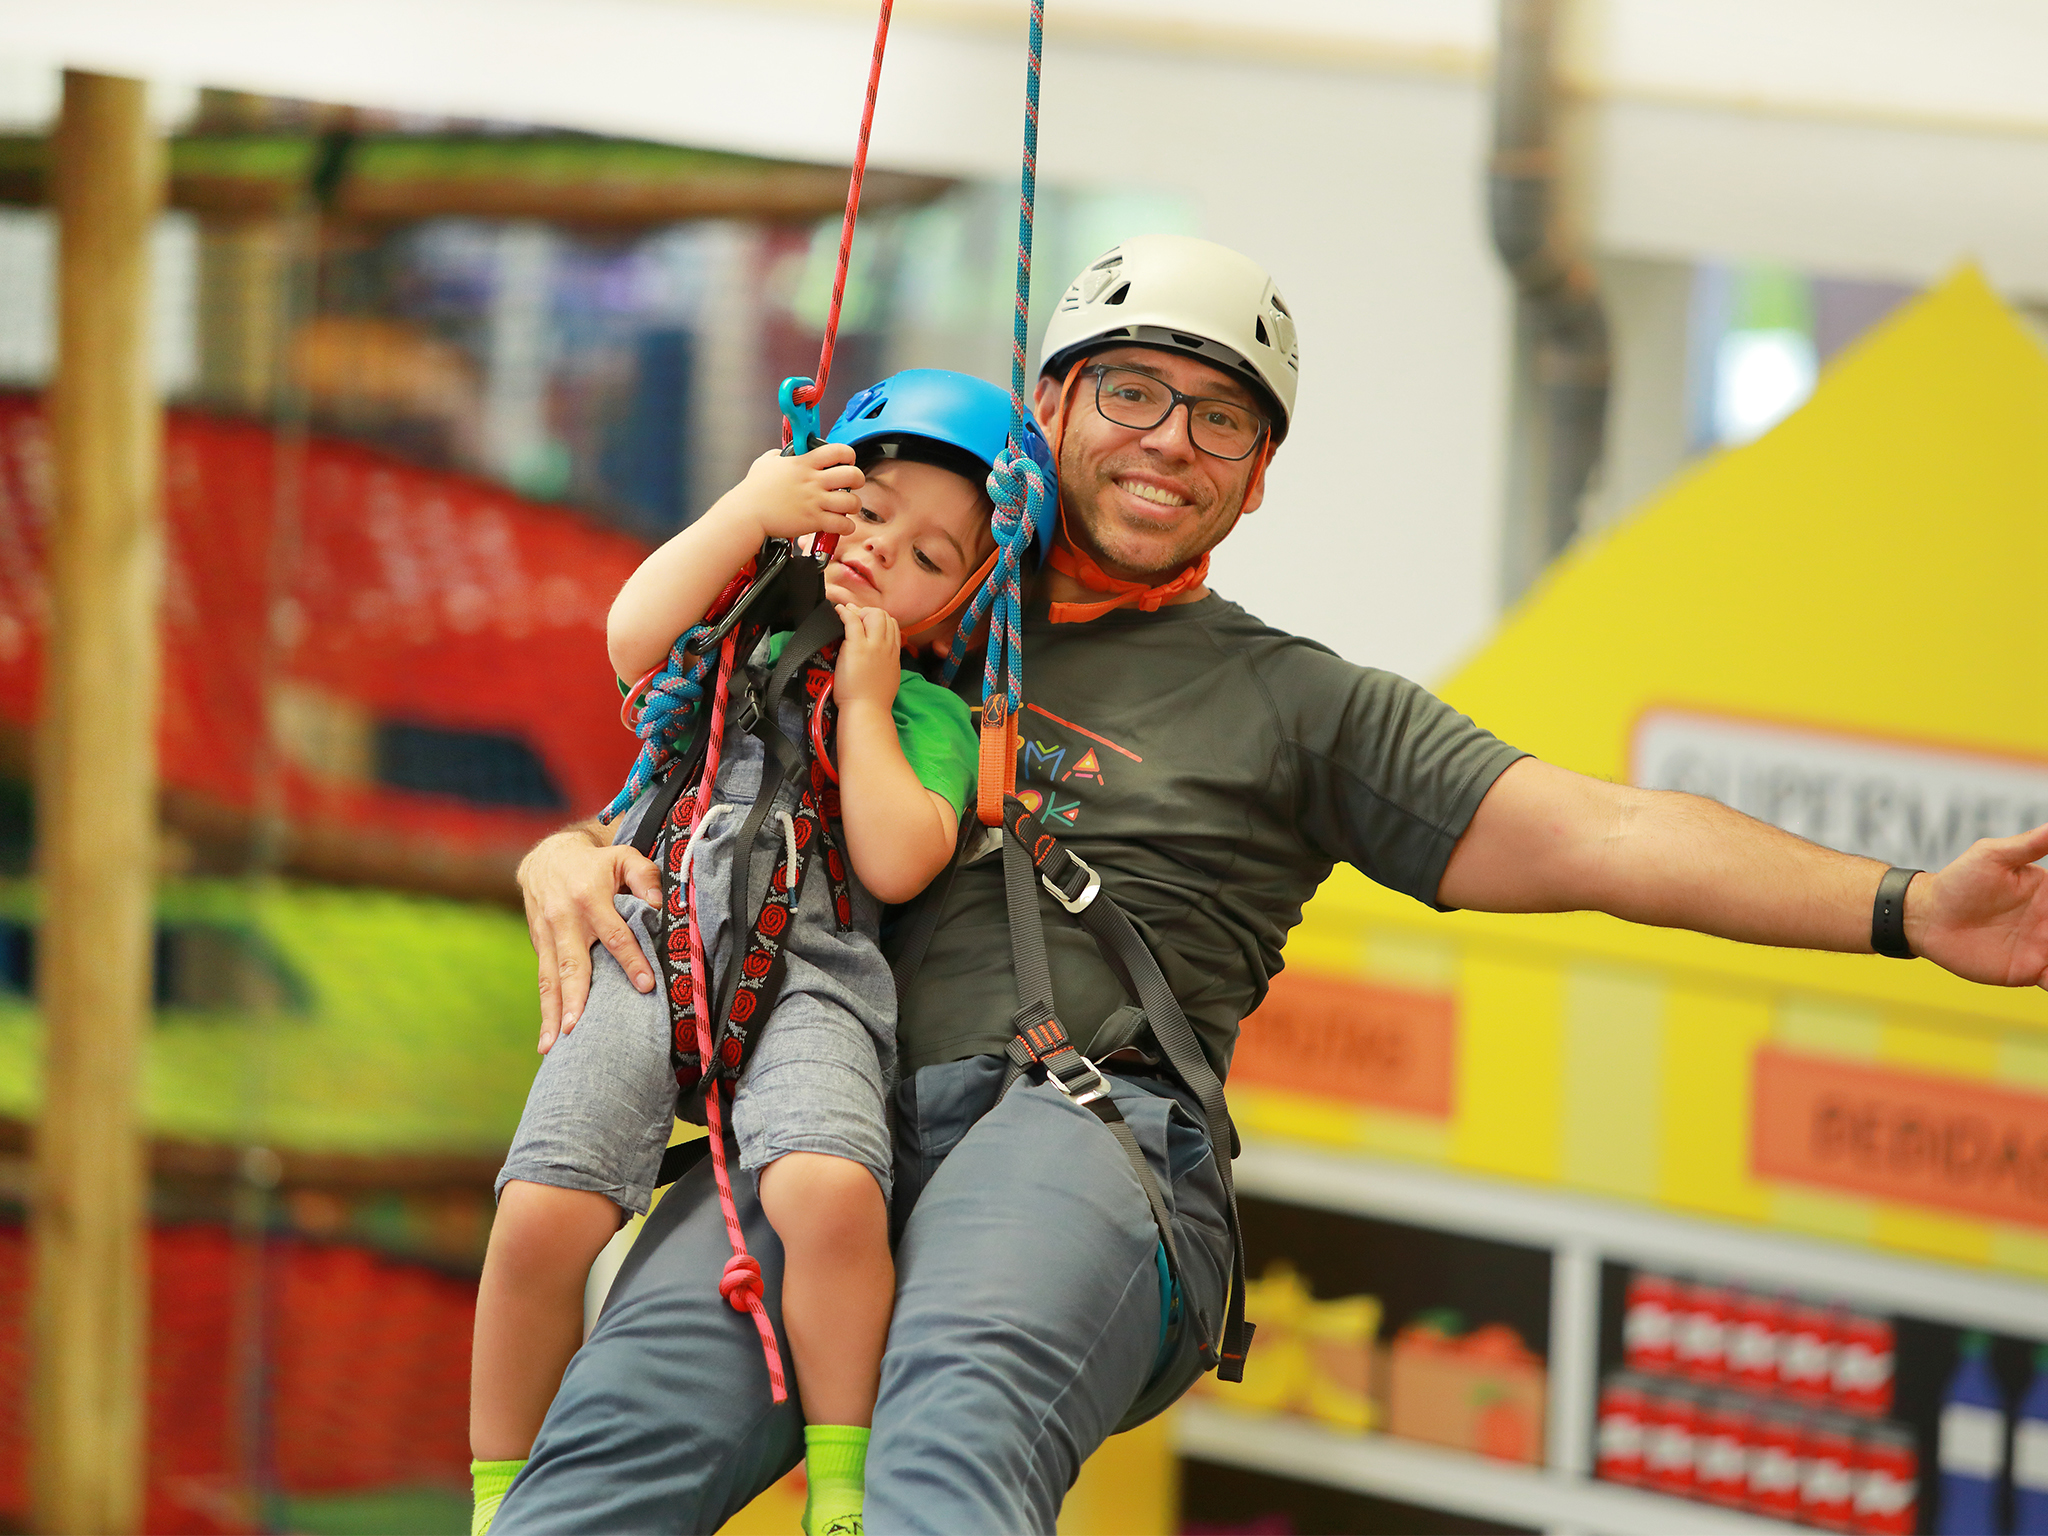 Miúdos, Actividades, Anima Park